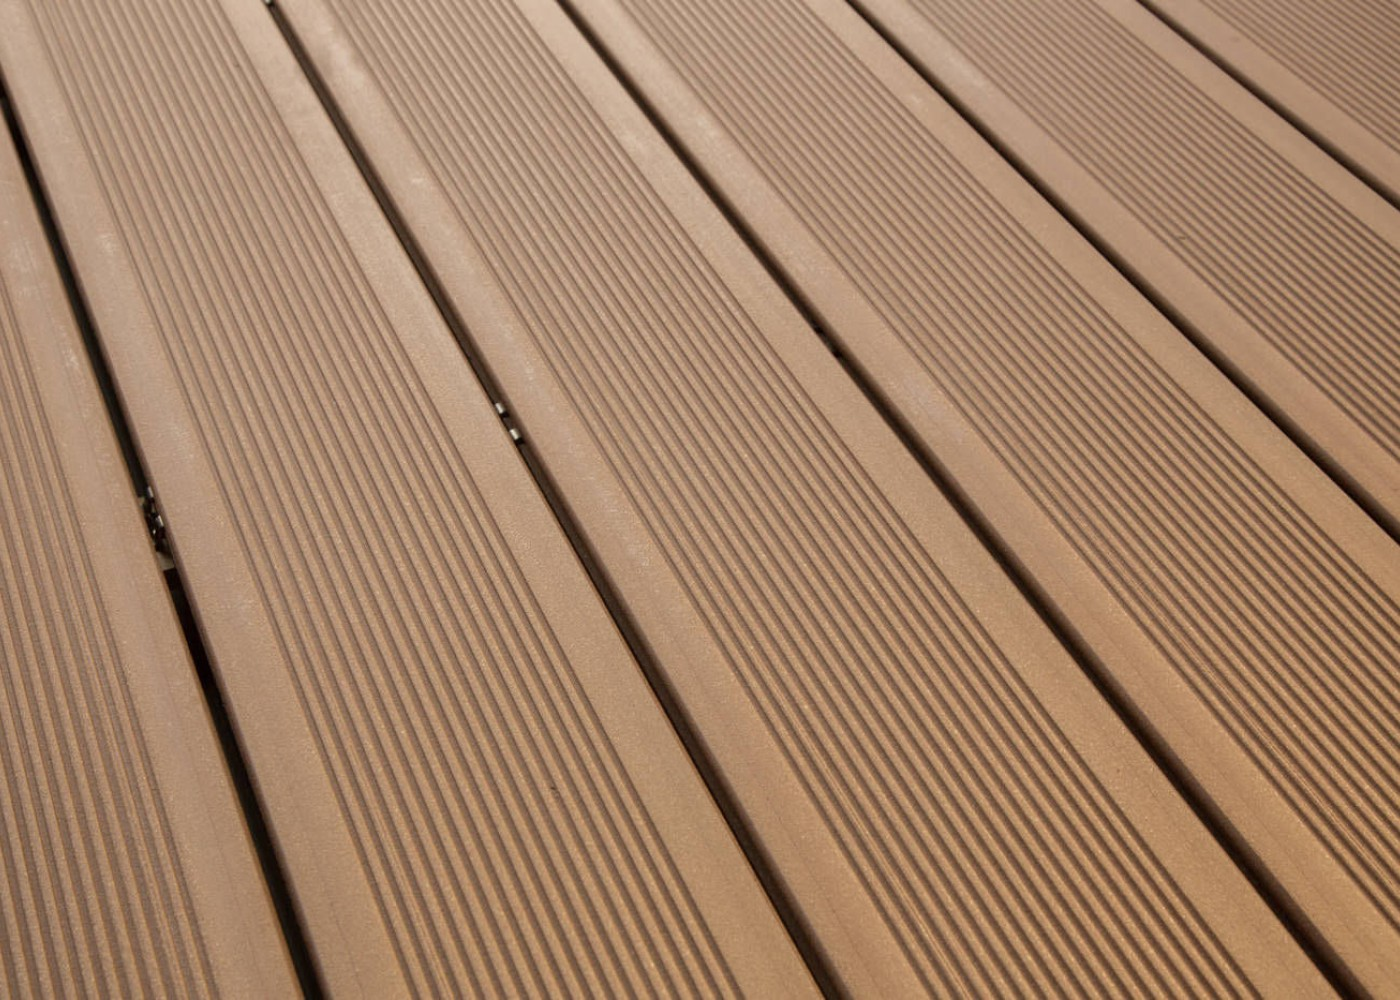 bois composite